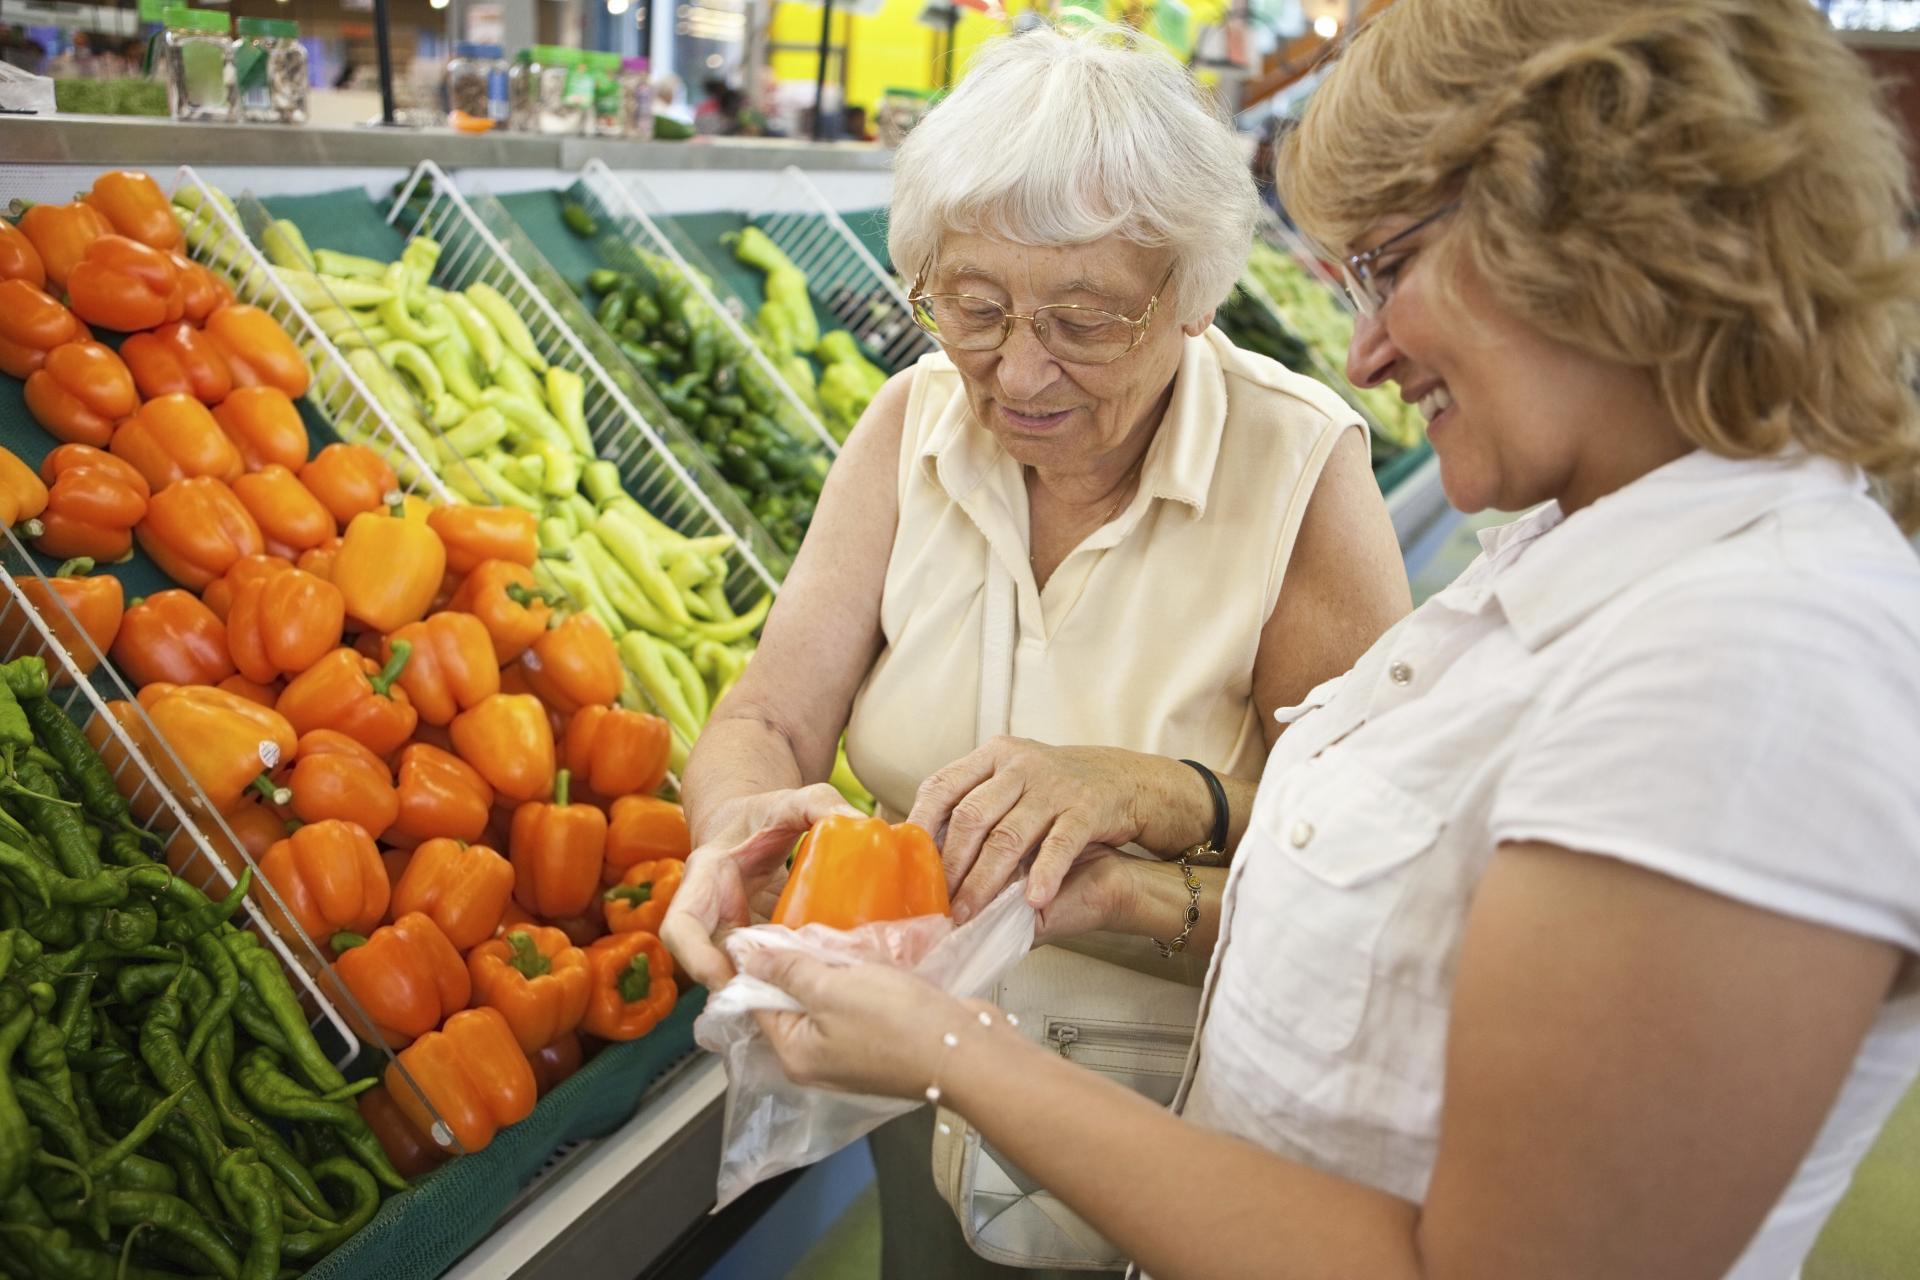 Une femme aide une personne âgée à faire les courses.